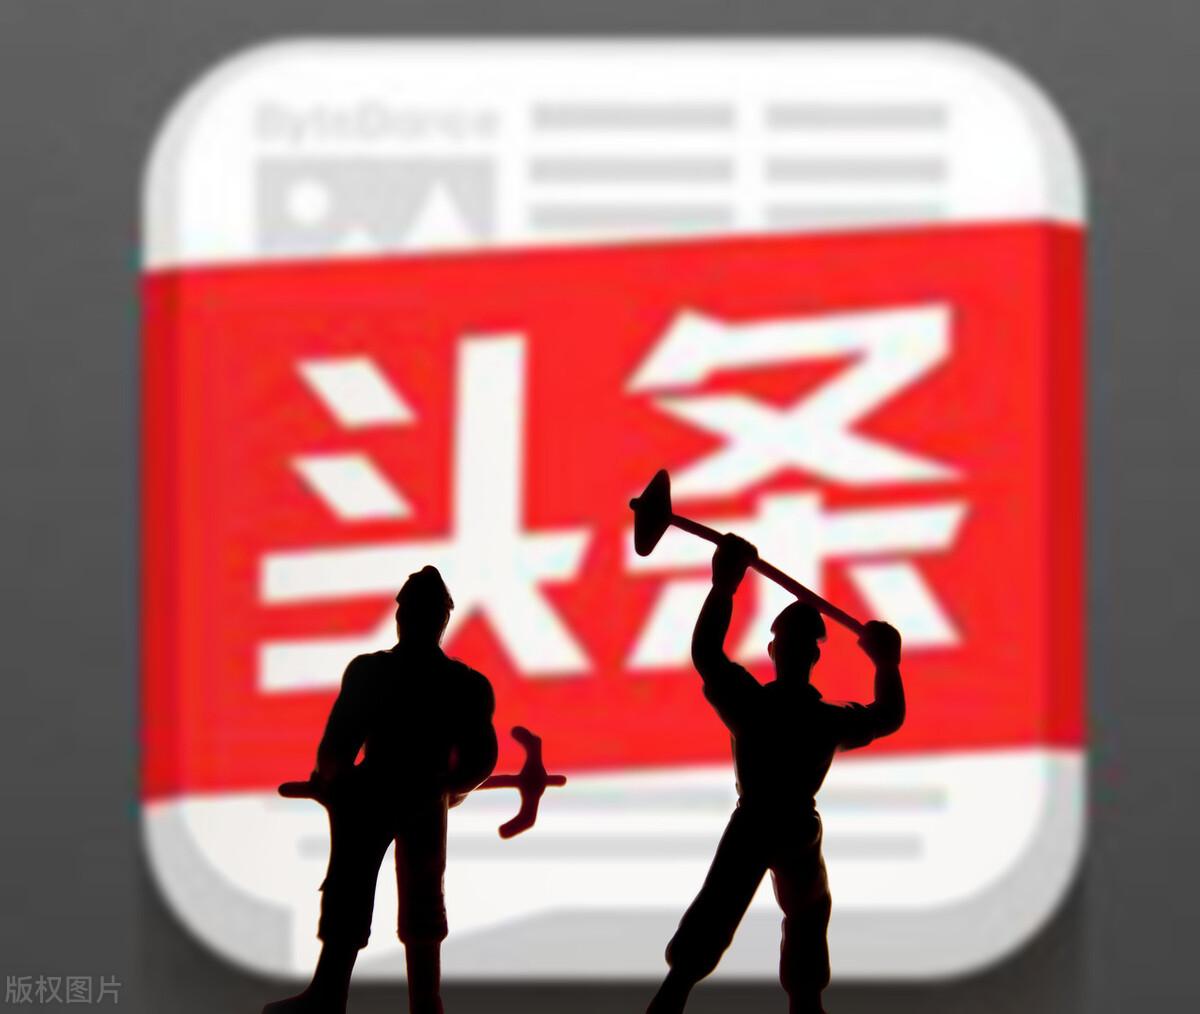 崎霖科技:十大主流营销渠道